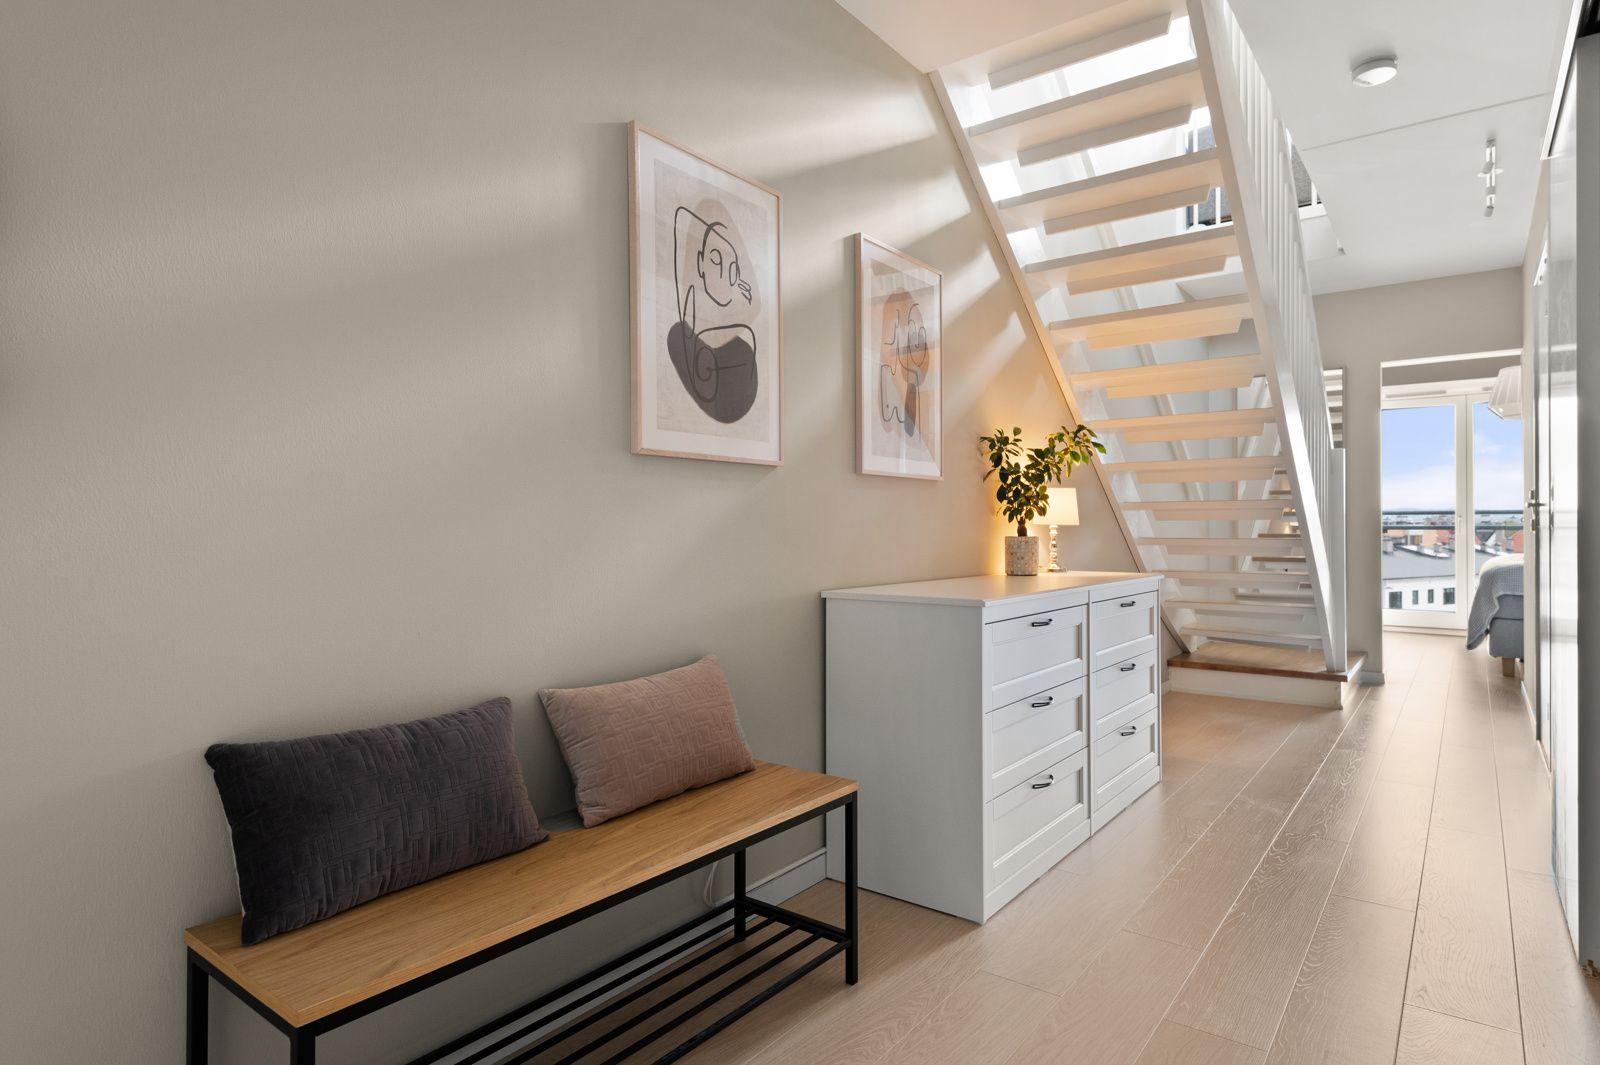 Bergensgata 36 G I boligens første etasje finner du gang, to soverom, baderom og innvendig bod/omkledningsrom.